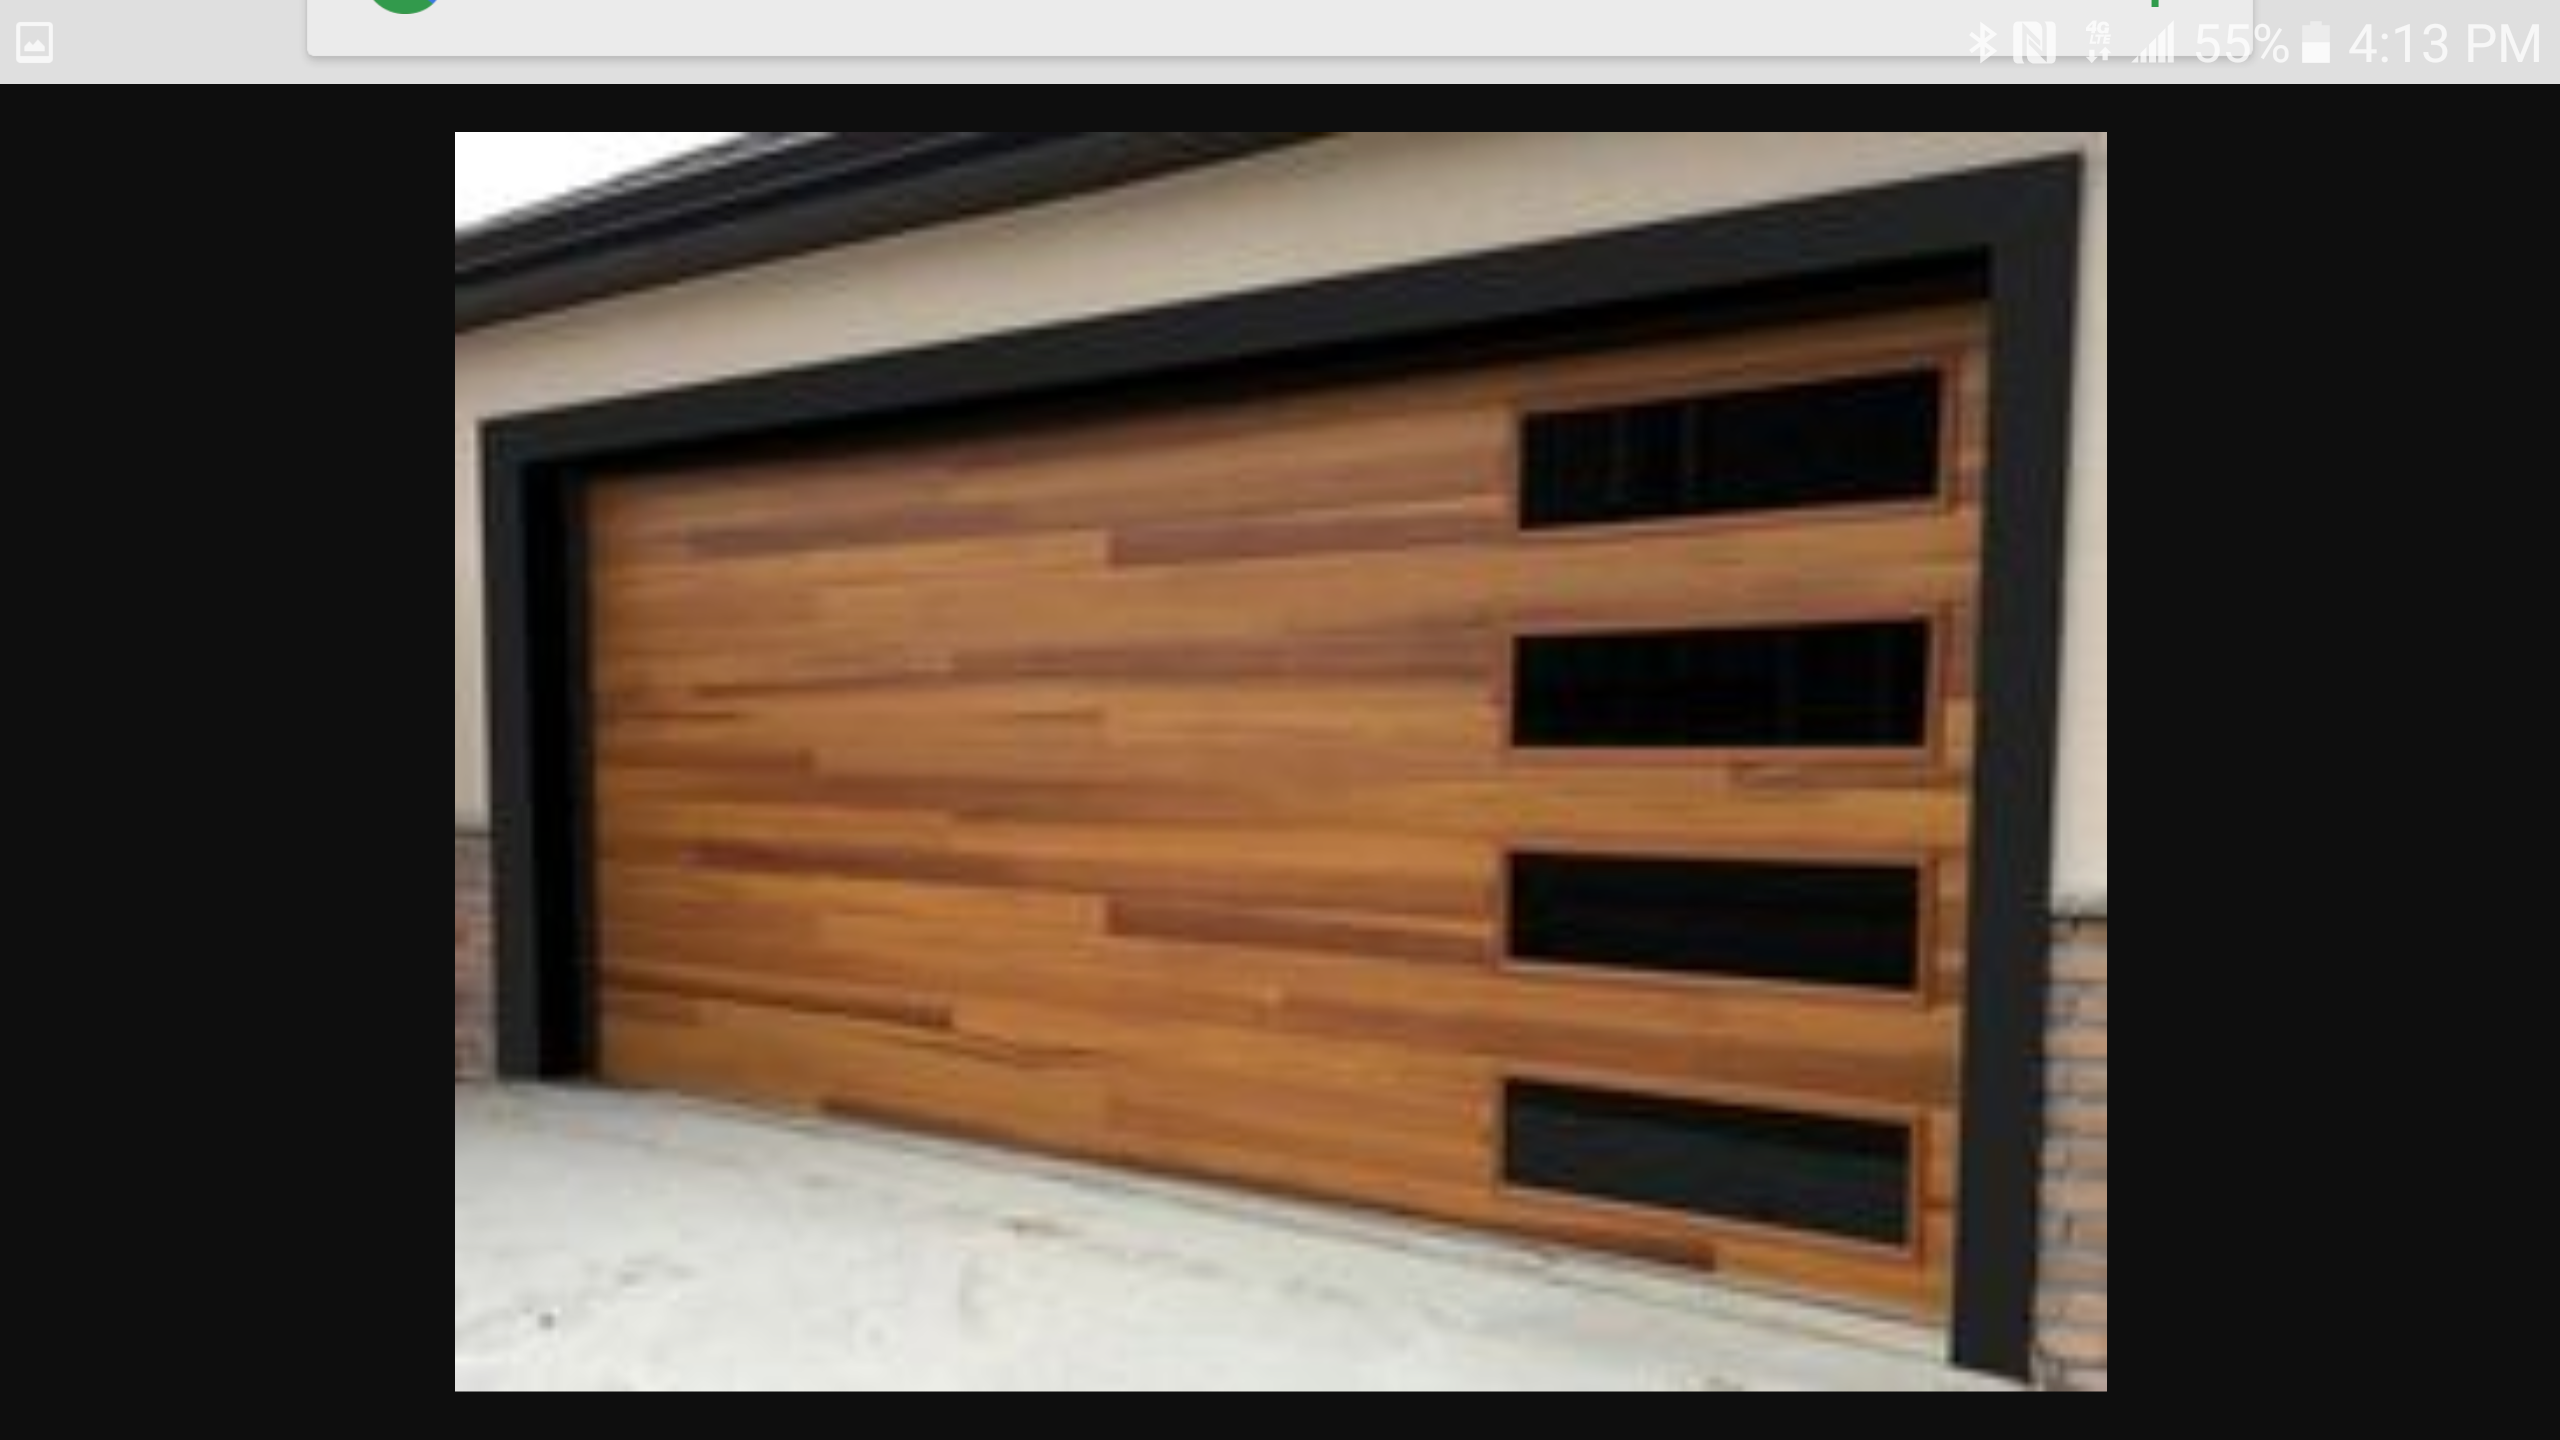 1440 #76492C Complete Garage Door Services Fremont California Garage Door And  wallpaper Complete Garage Doors 36252560